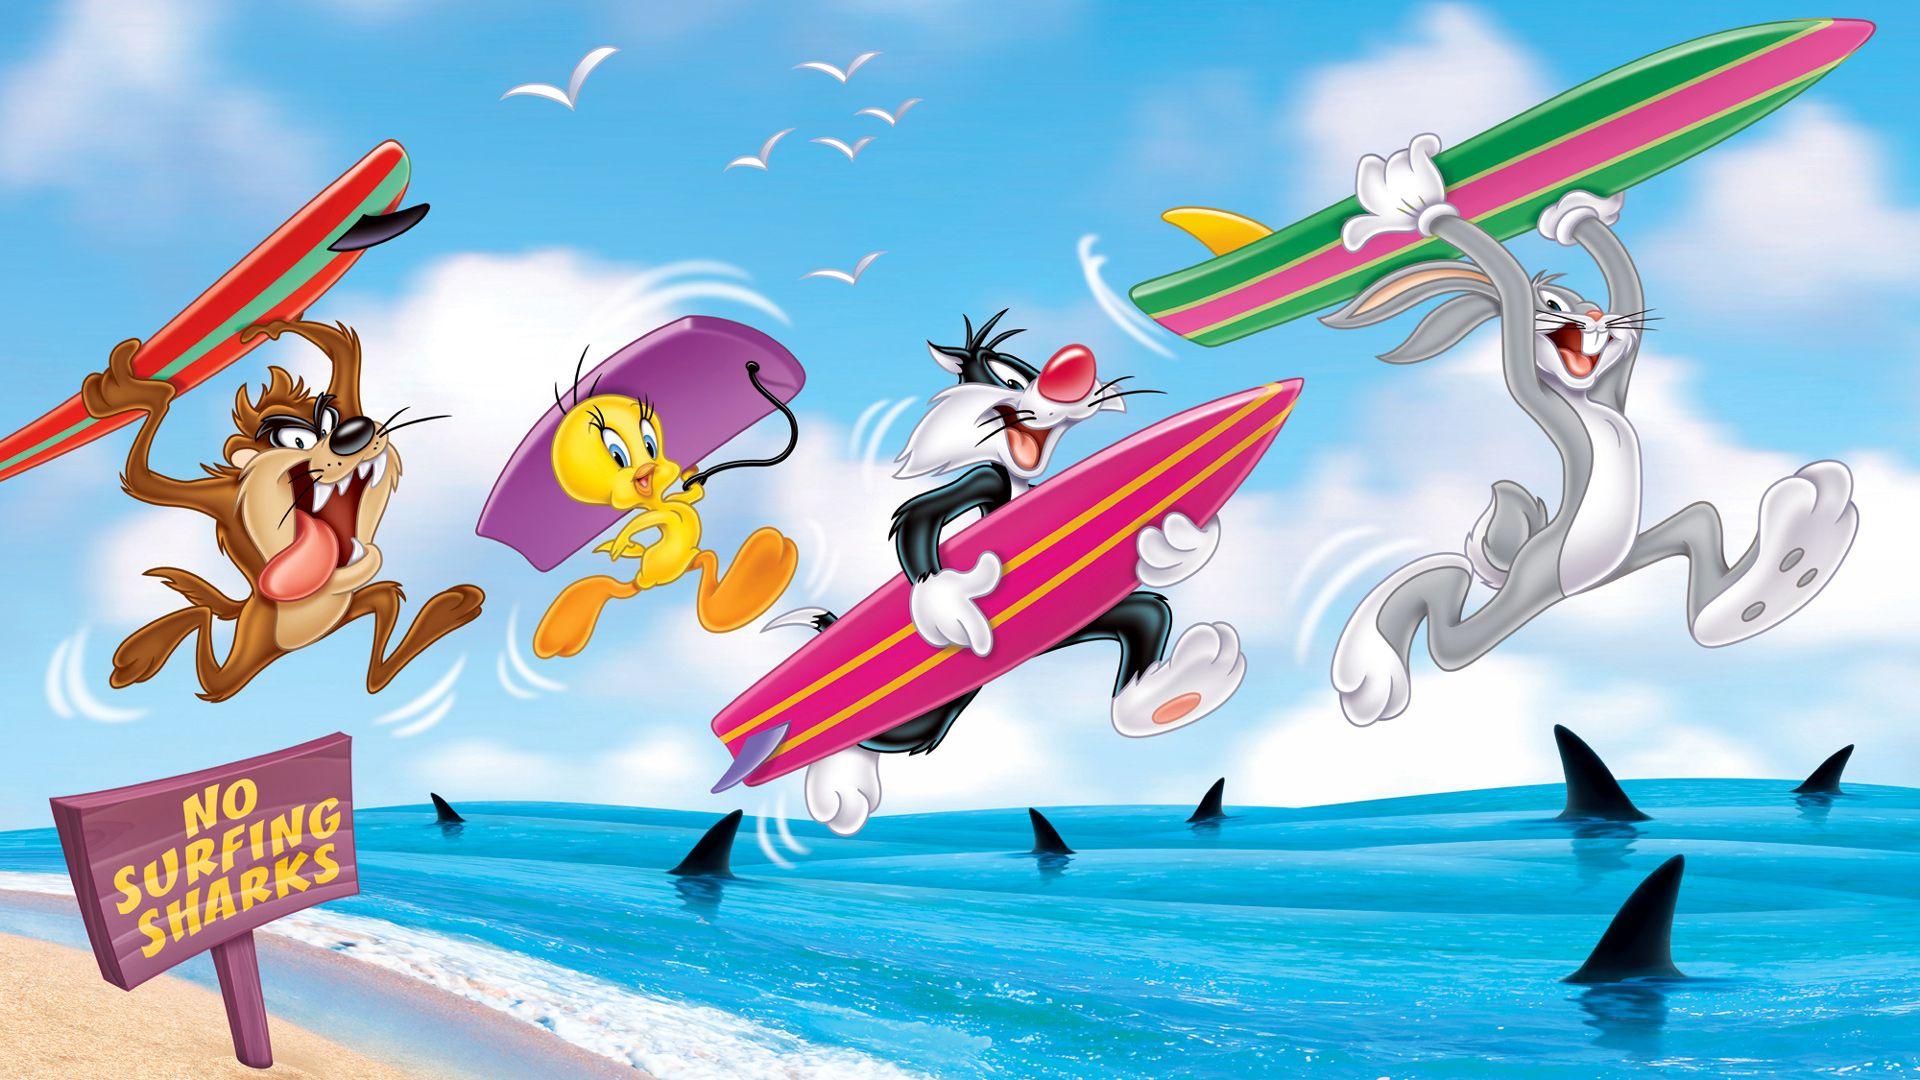 Looney Tunes desktop wallpaper